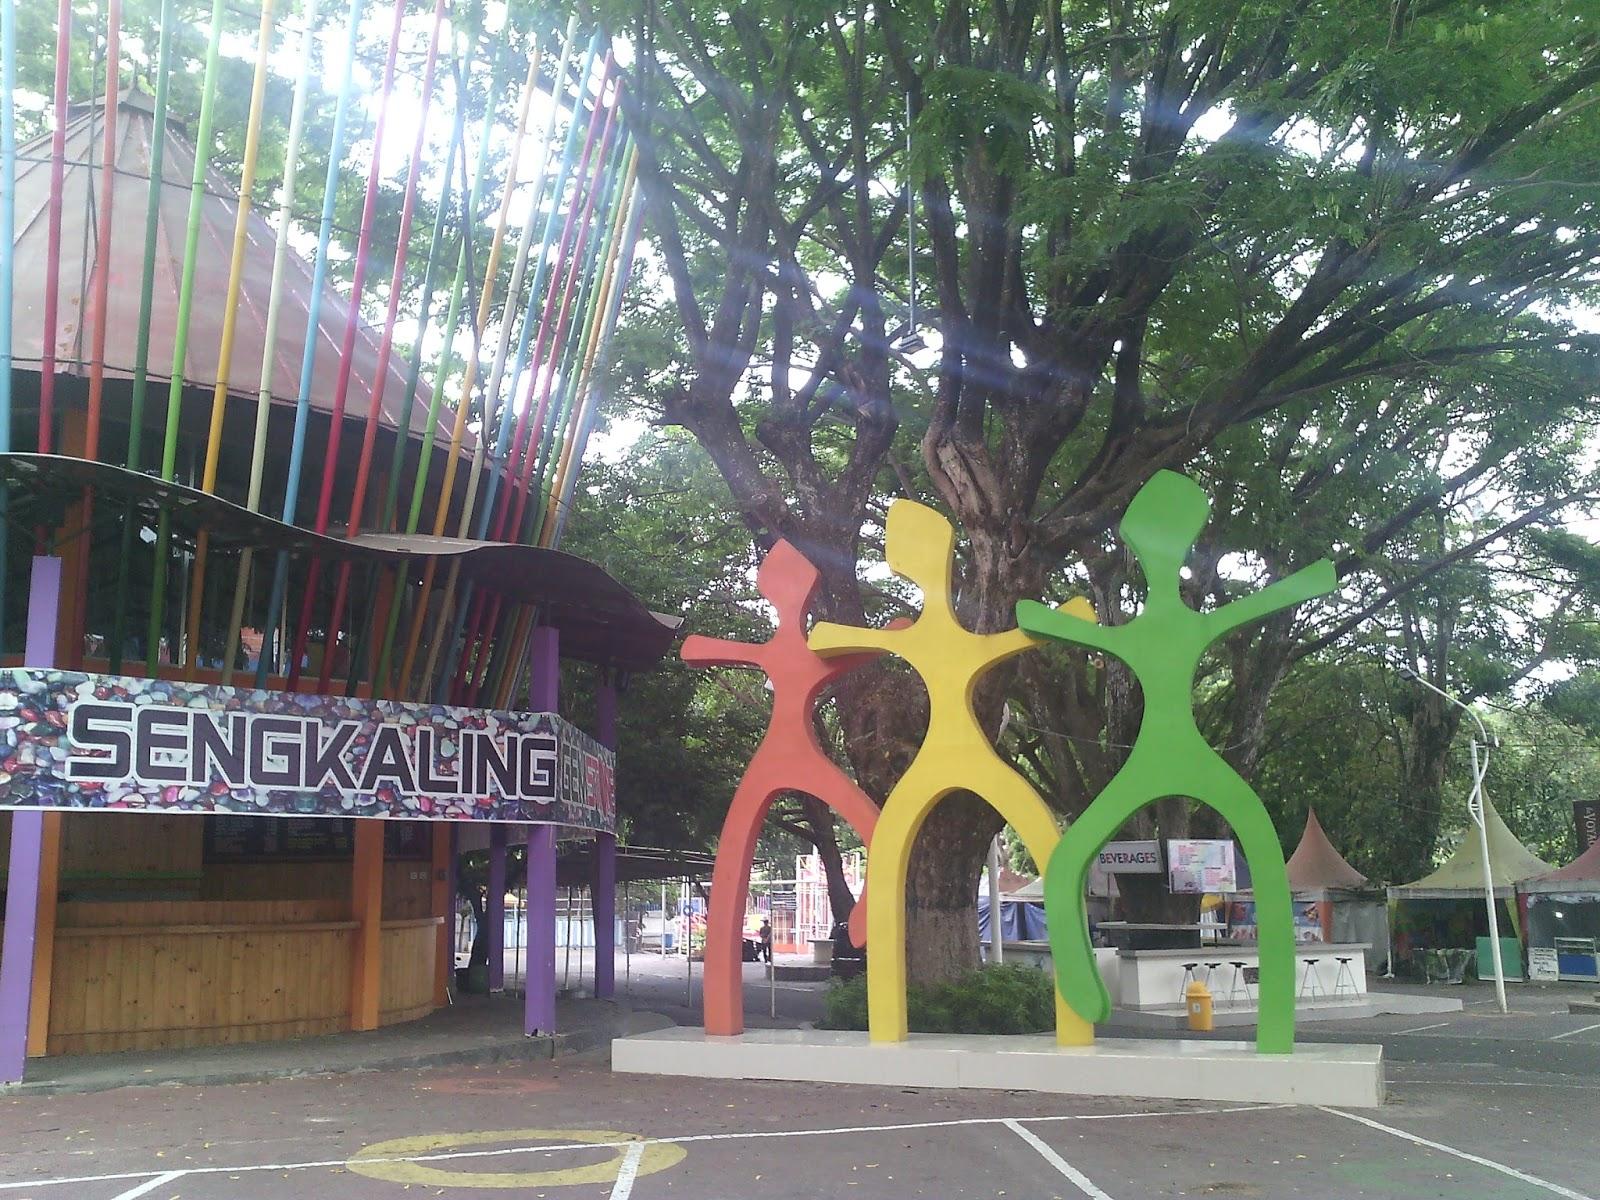 Taman Rekreasi Sengkaling merupakan salah satu wisata liburan keluarga yang berada di kota Malang tepatnya di Jl Raya Mulyoagung No